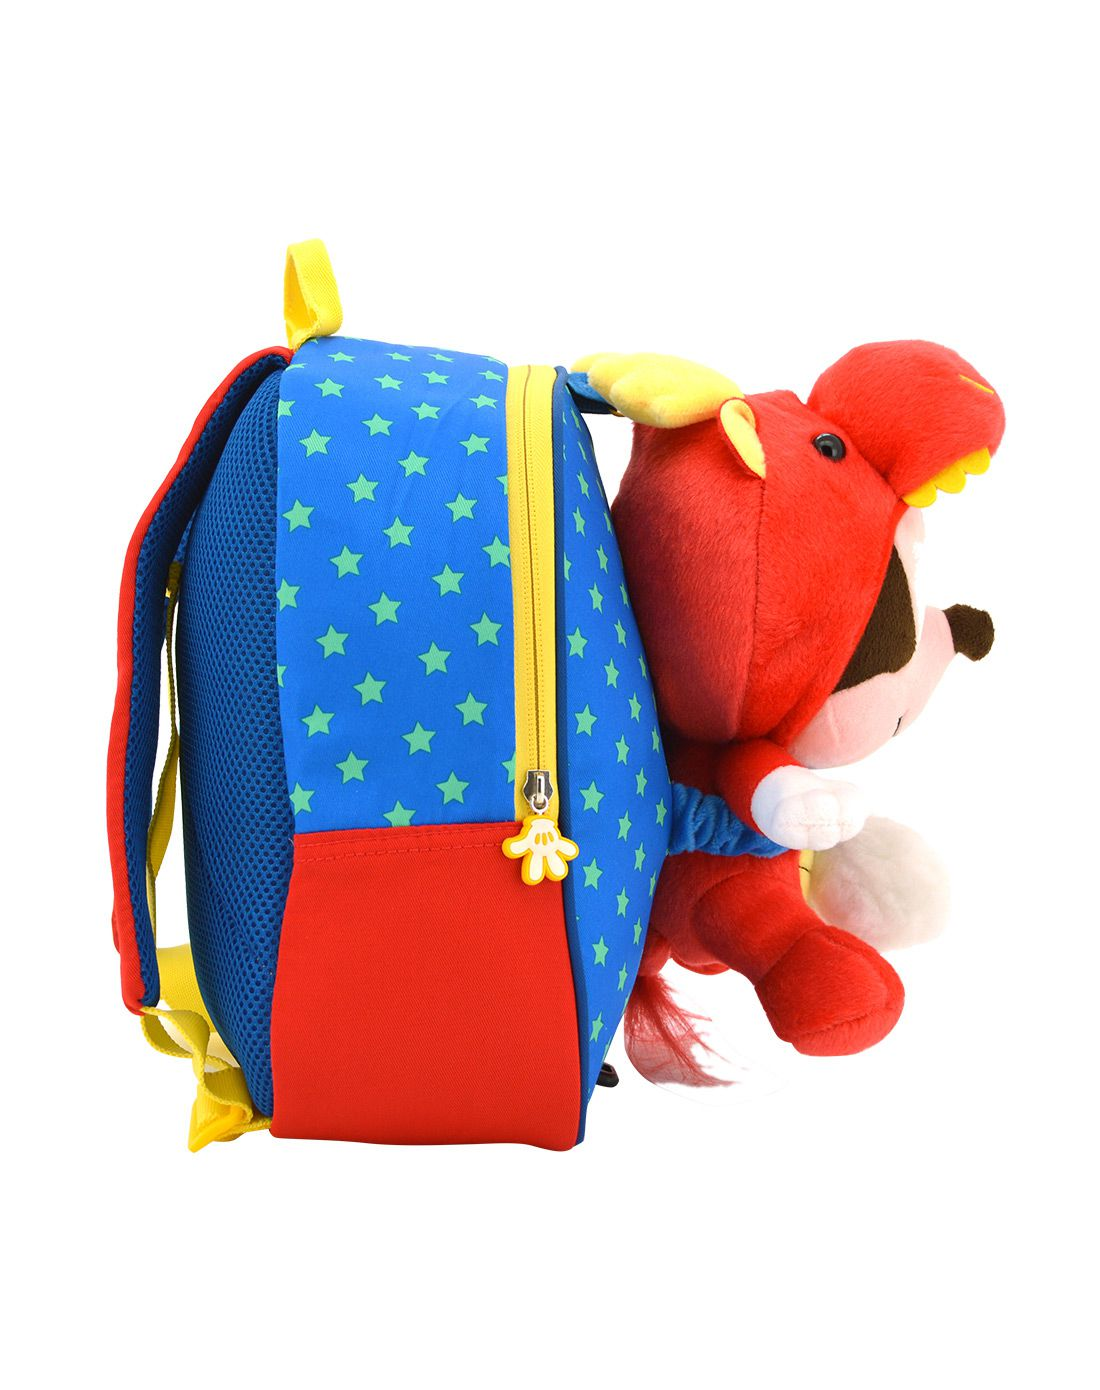 幼儿园小童中国龙造型儿童背包